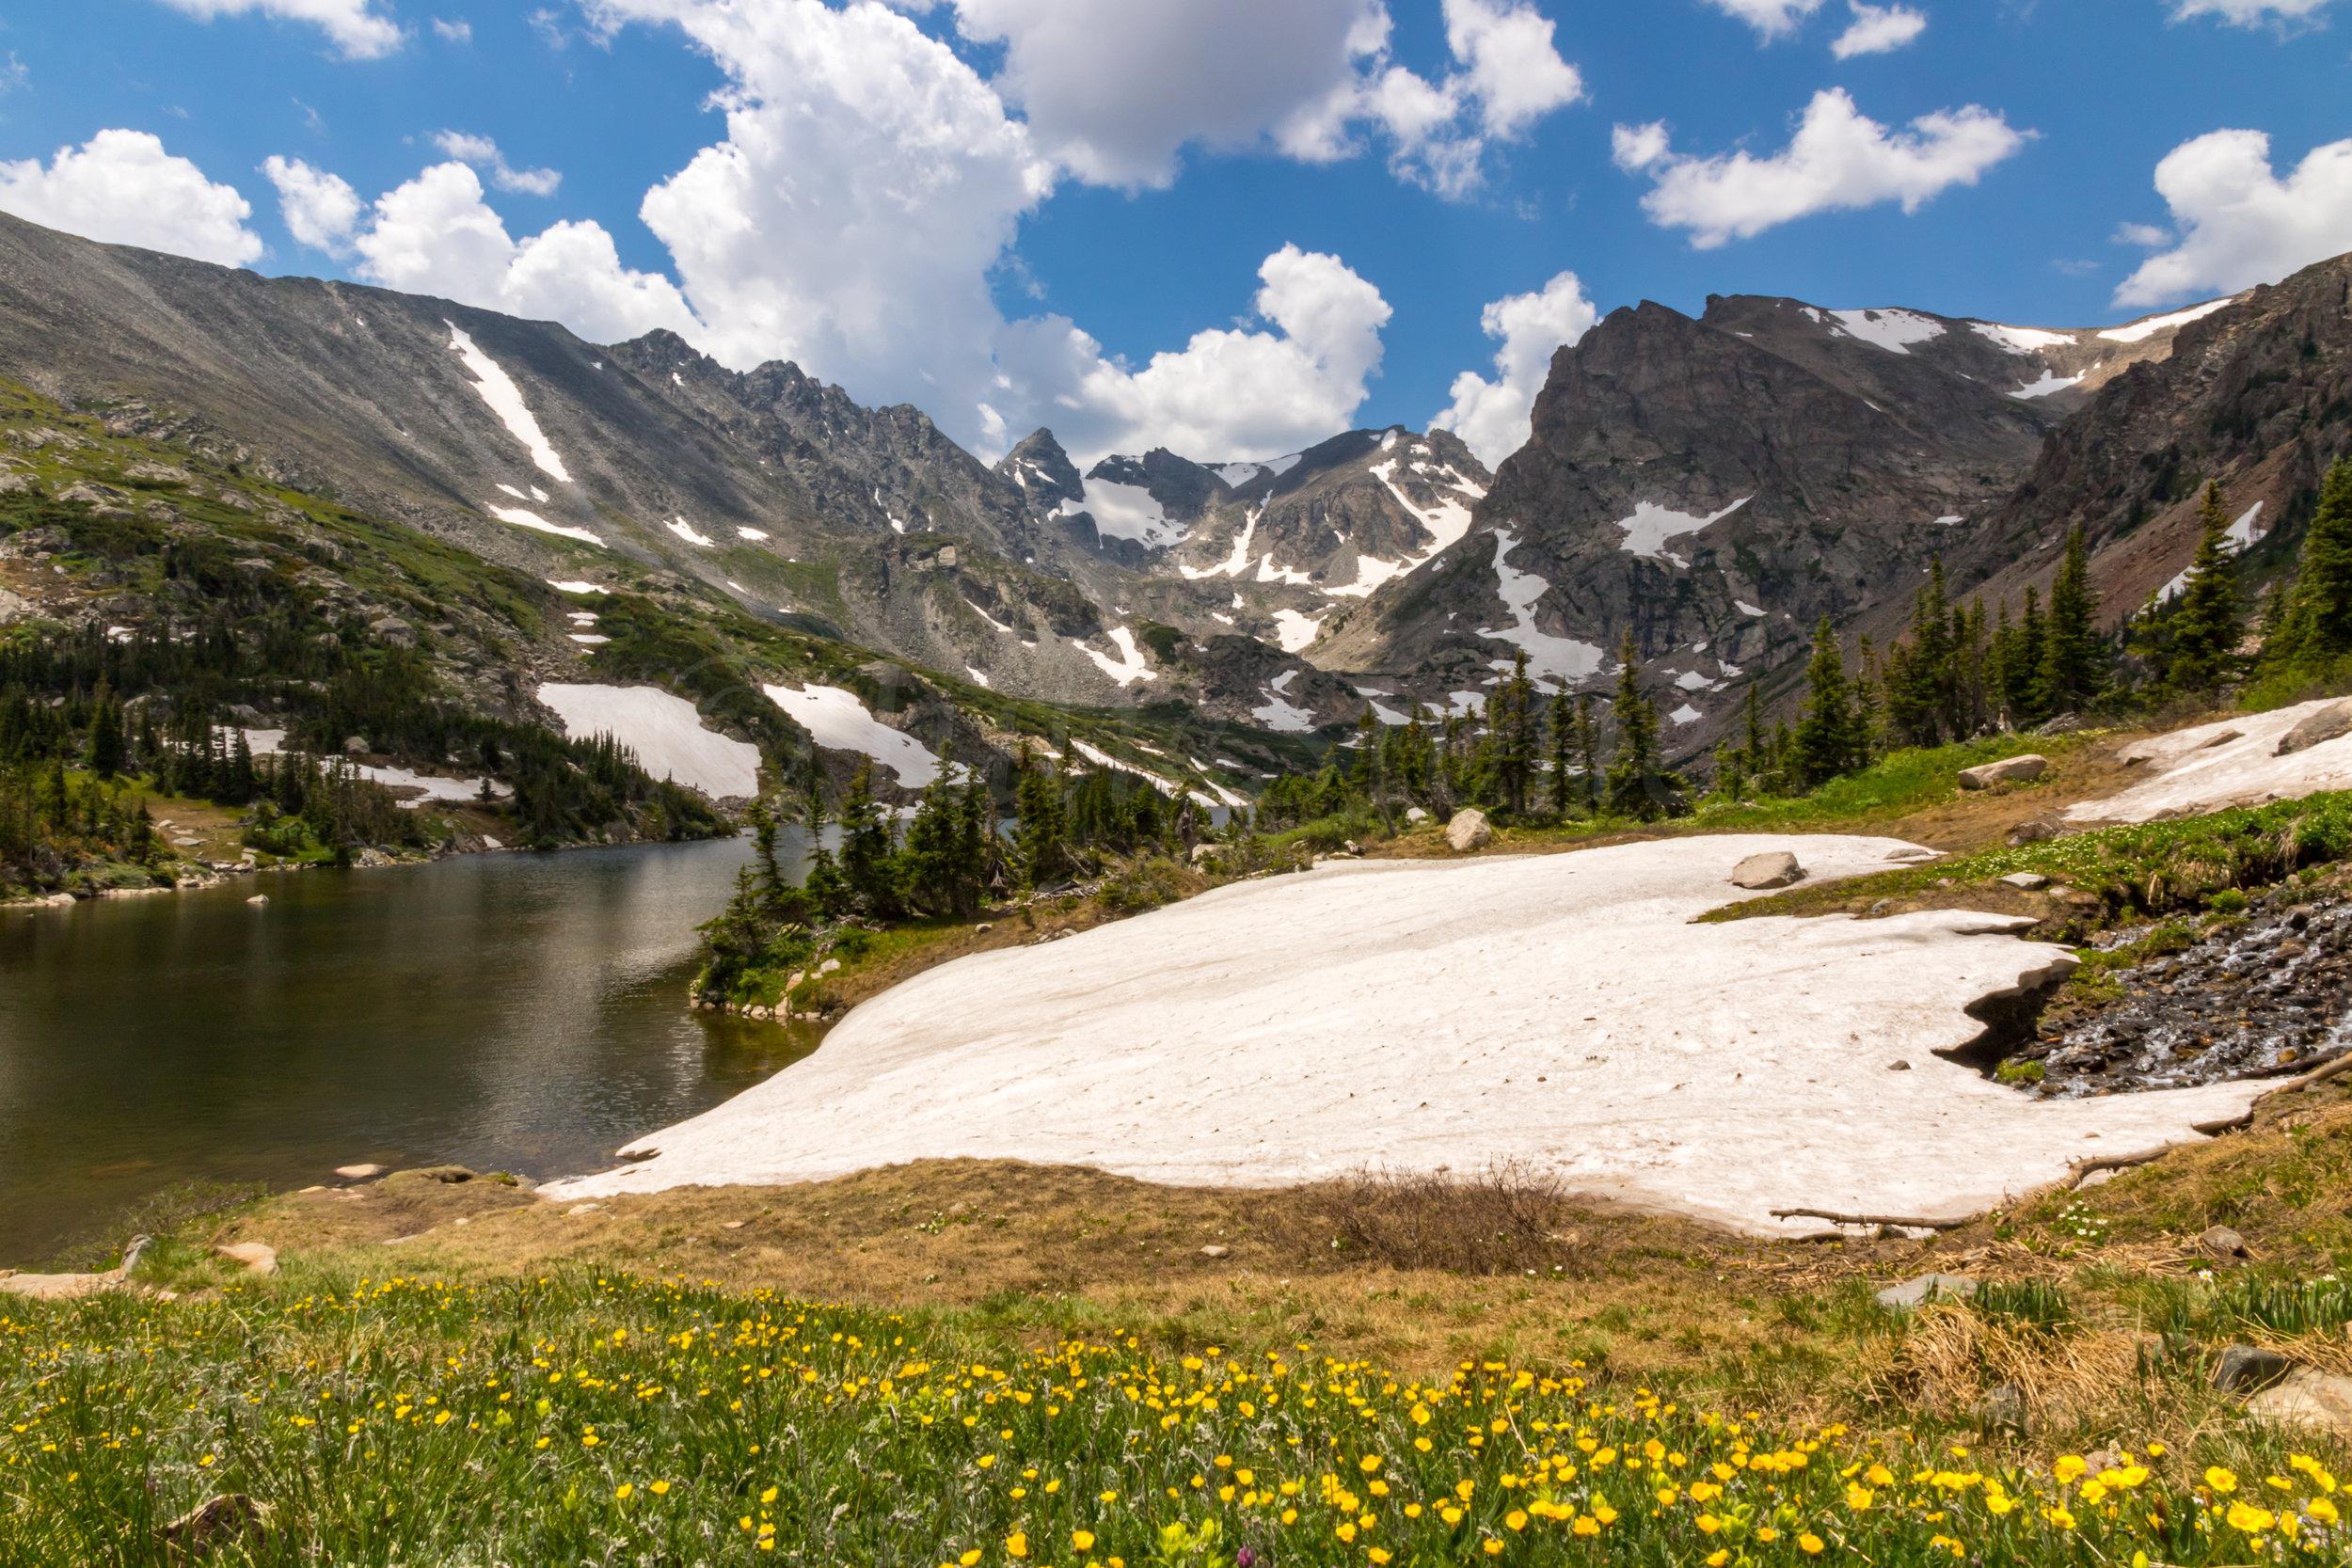 Brainard Lake, Image # 5877